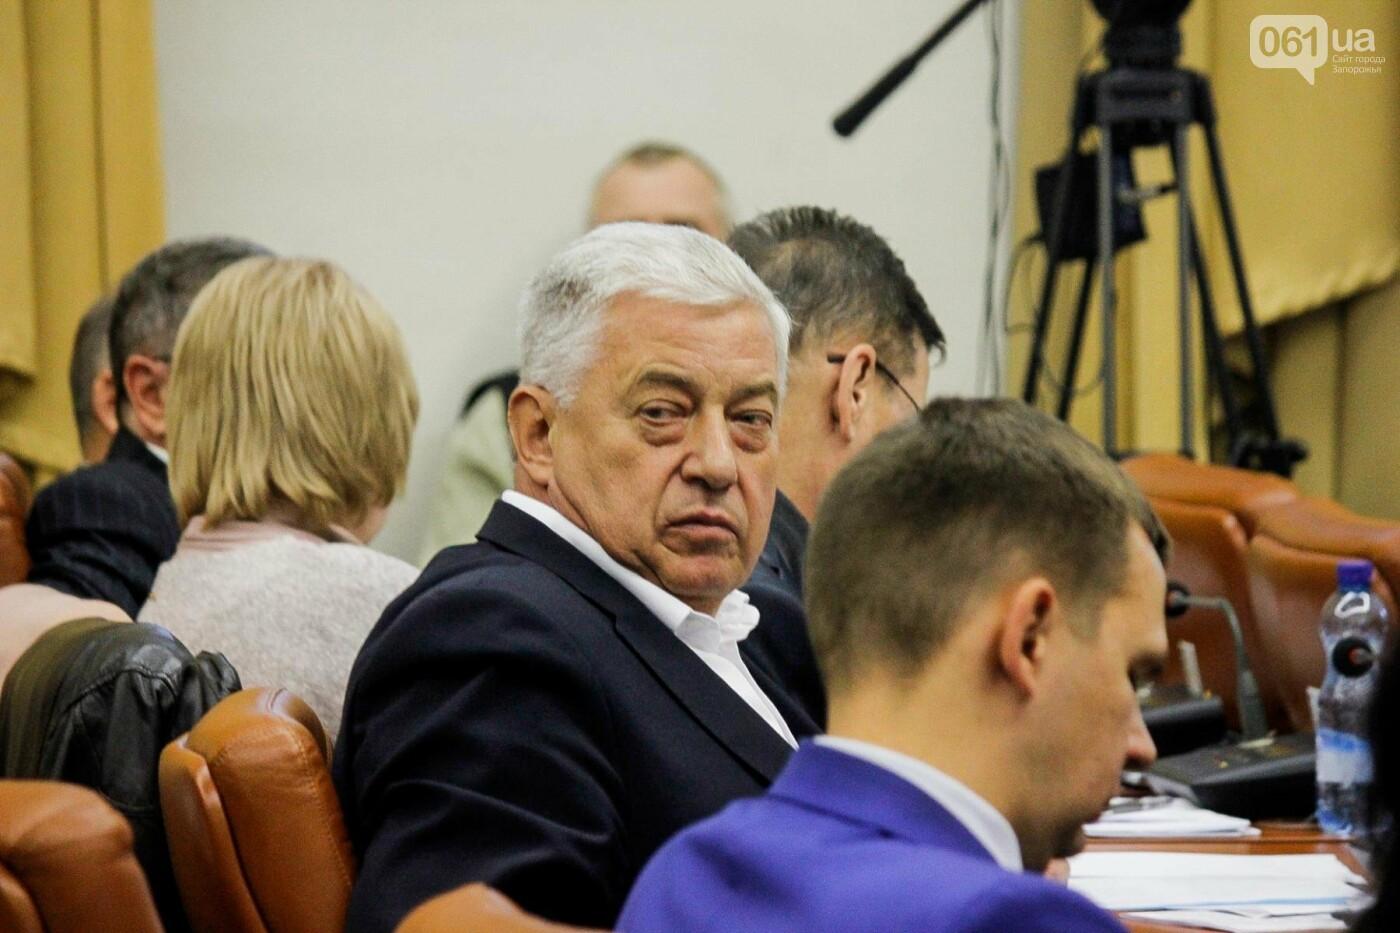 Сессия запорожского горсовета в 55 фотографиях, - ФОТОРЕПОРТАЖ, фото-22